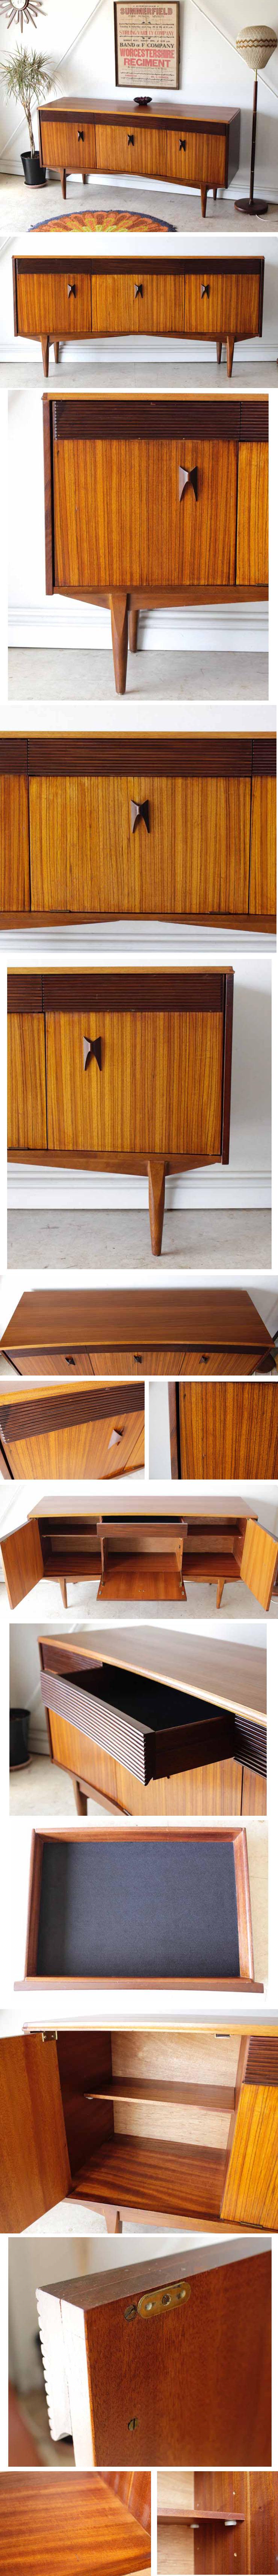 サイドボード・テレビボード・チーク・イギリス・ビンテージ・アンティーク・北欧・輸入家具